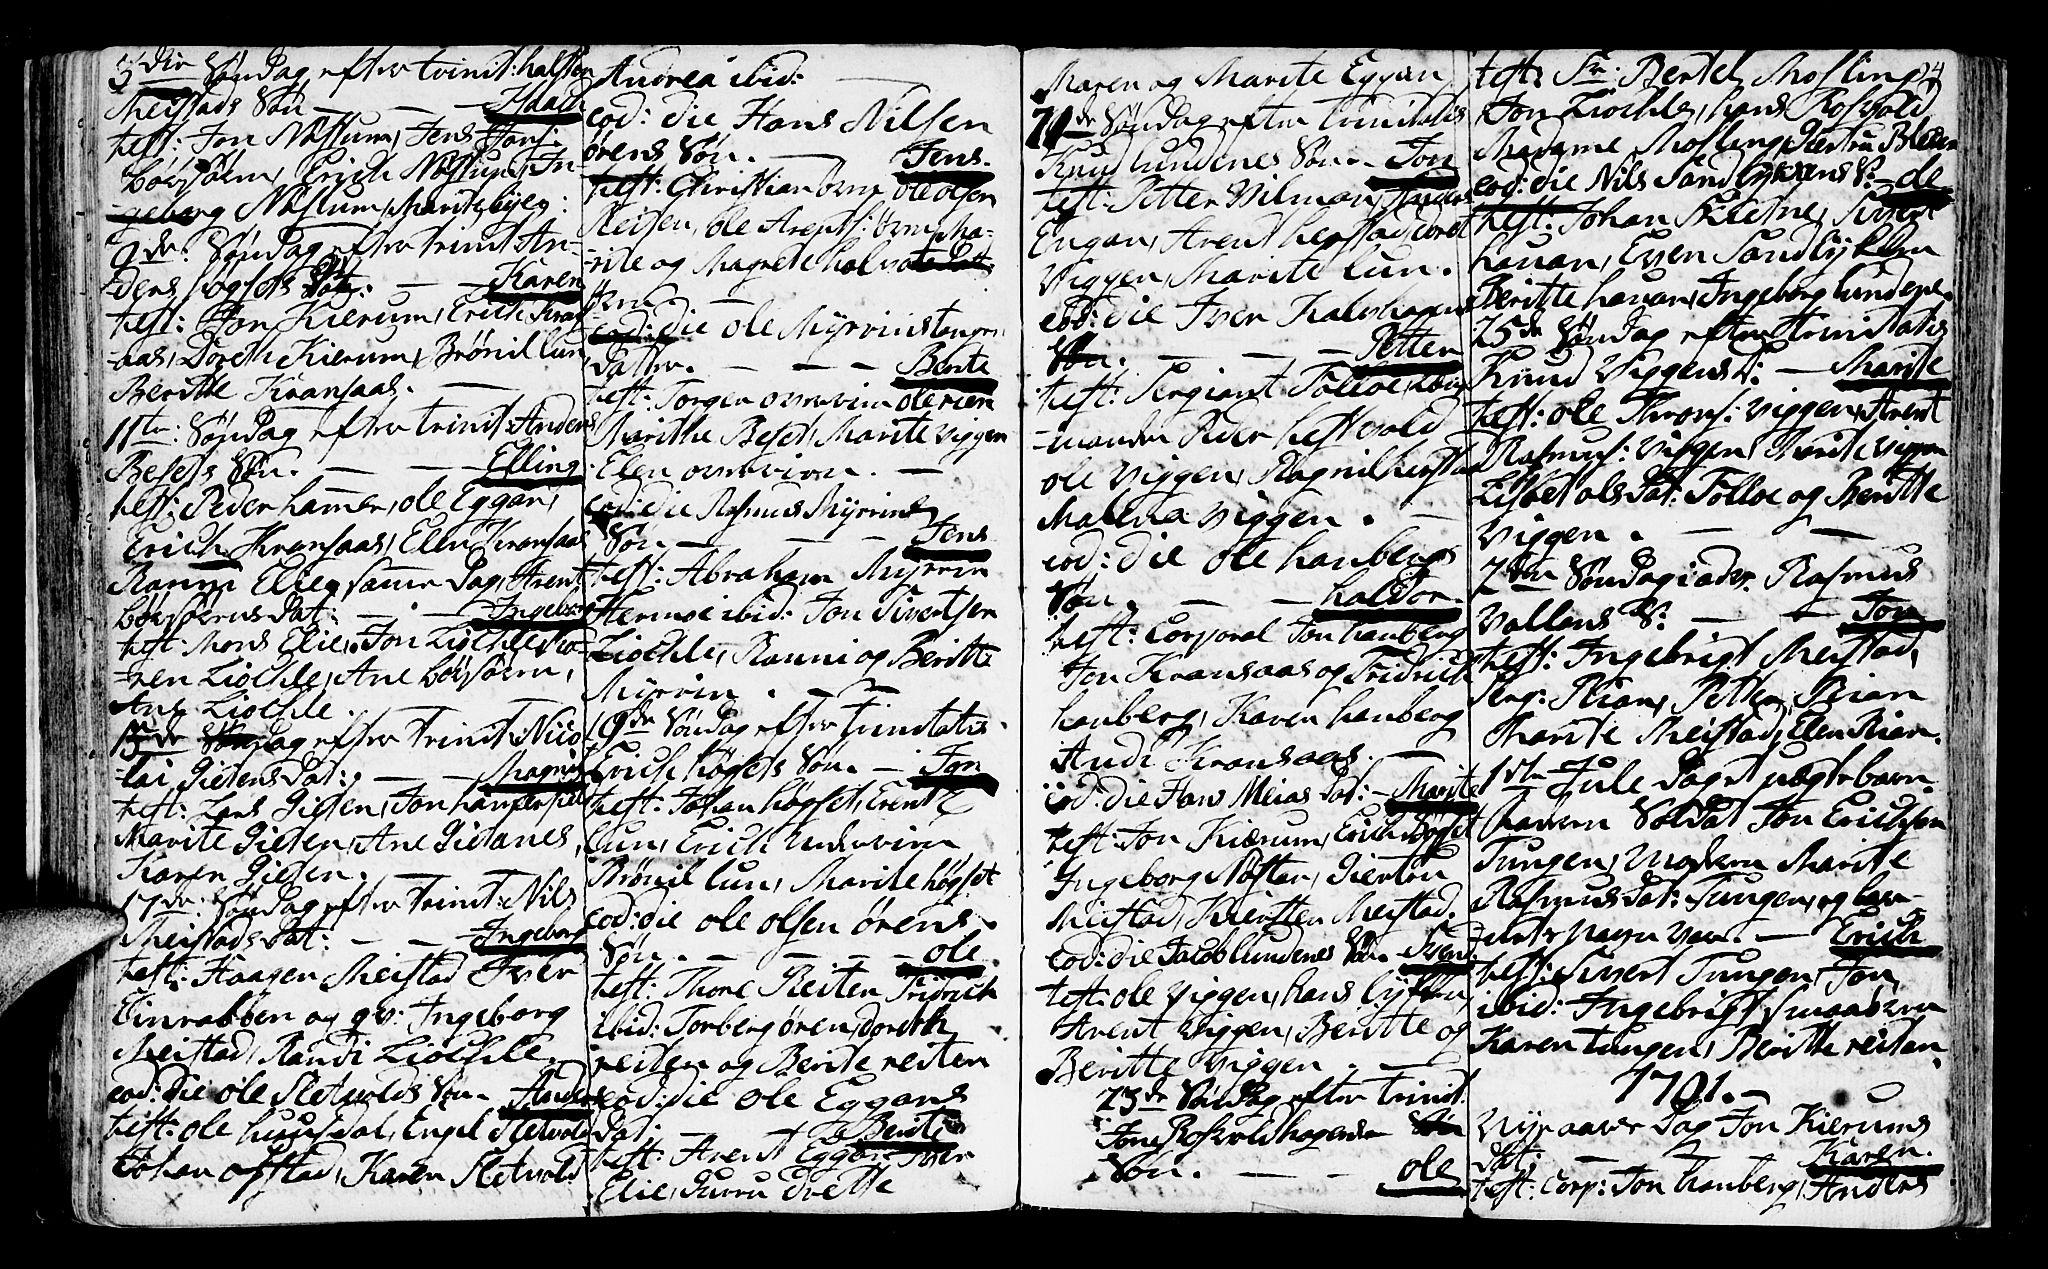 SAT, Ministerialprotokoller, klokkerbøker og fødselsregistre - Sør-Trøndelag, 665/L0768: Ministerialbok nr. 665A03, 1754-1803, s. 94